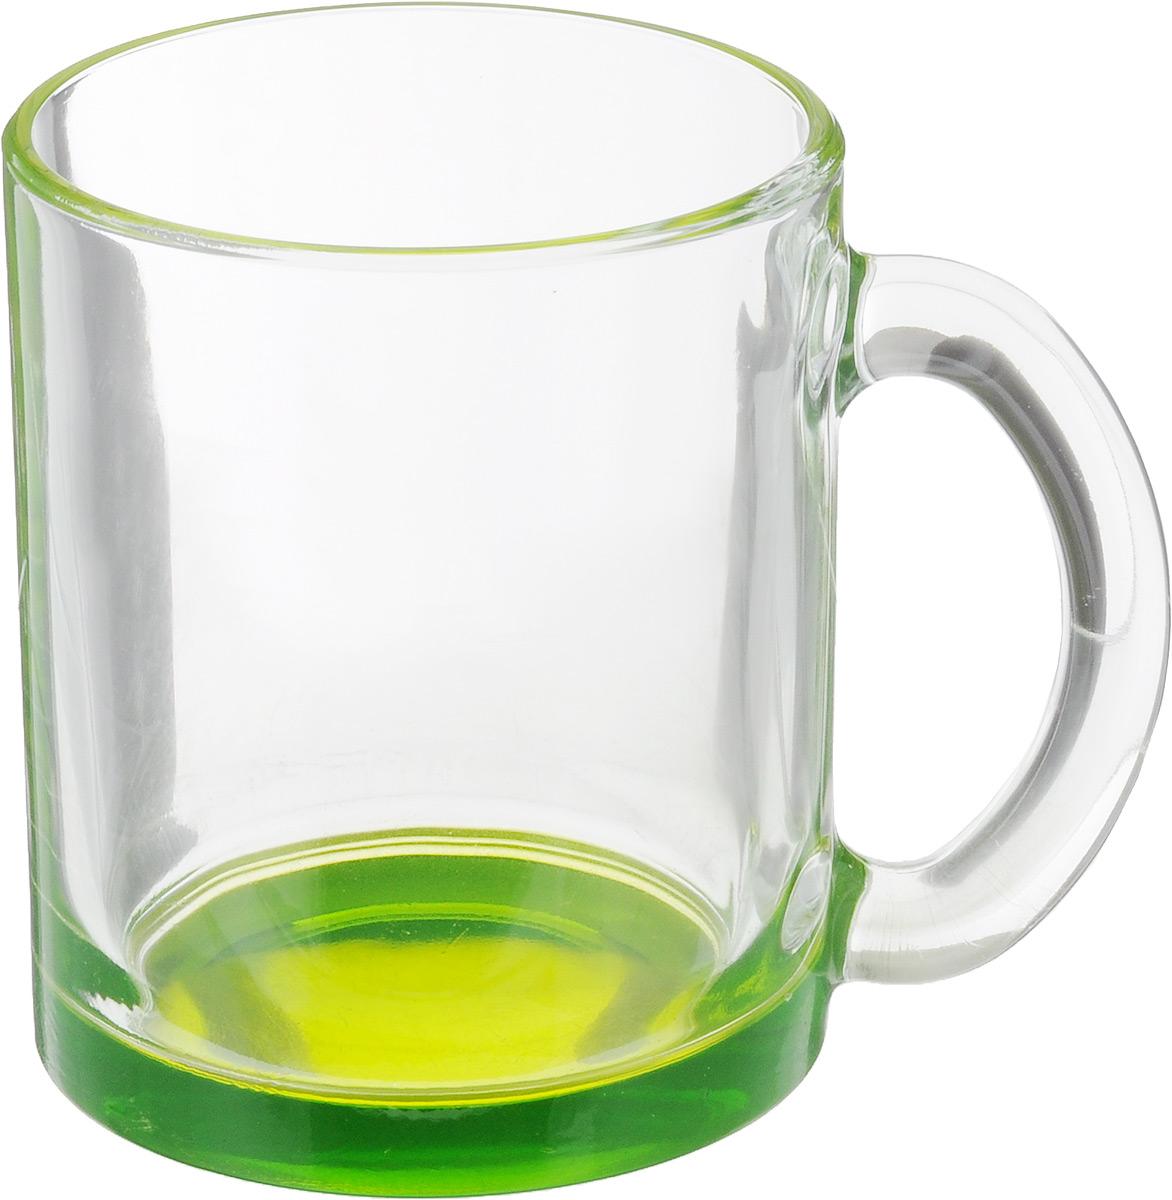 Кружка OSZ Чайная, цвет: прозрачный, зеленый, 320 мл04C1208LM_зеленыйКружка OSZ Чайная изготовлена из стекла двух цветов. Изделие идеально подходит для сервировки стола.Кружка не только украсит ваш кухонный стол, но подчеркнет прекрасный вкус хозяйки. Диаметр кружки (по верхнему краю): 8 см. Высота кружки: 9,5 см. Объем кружки: 320 мл.